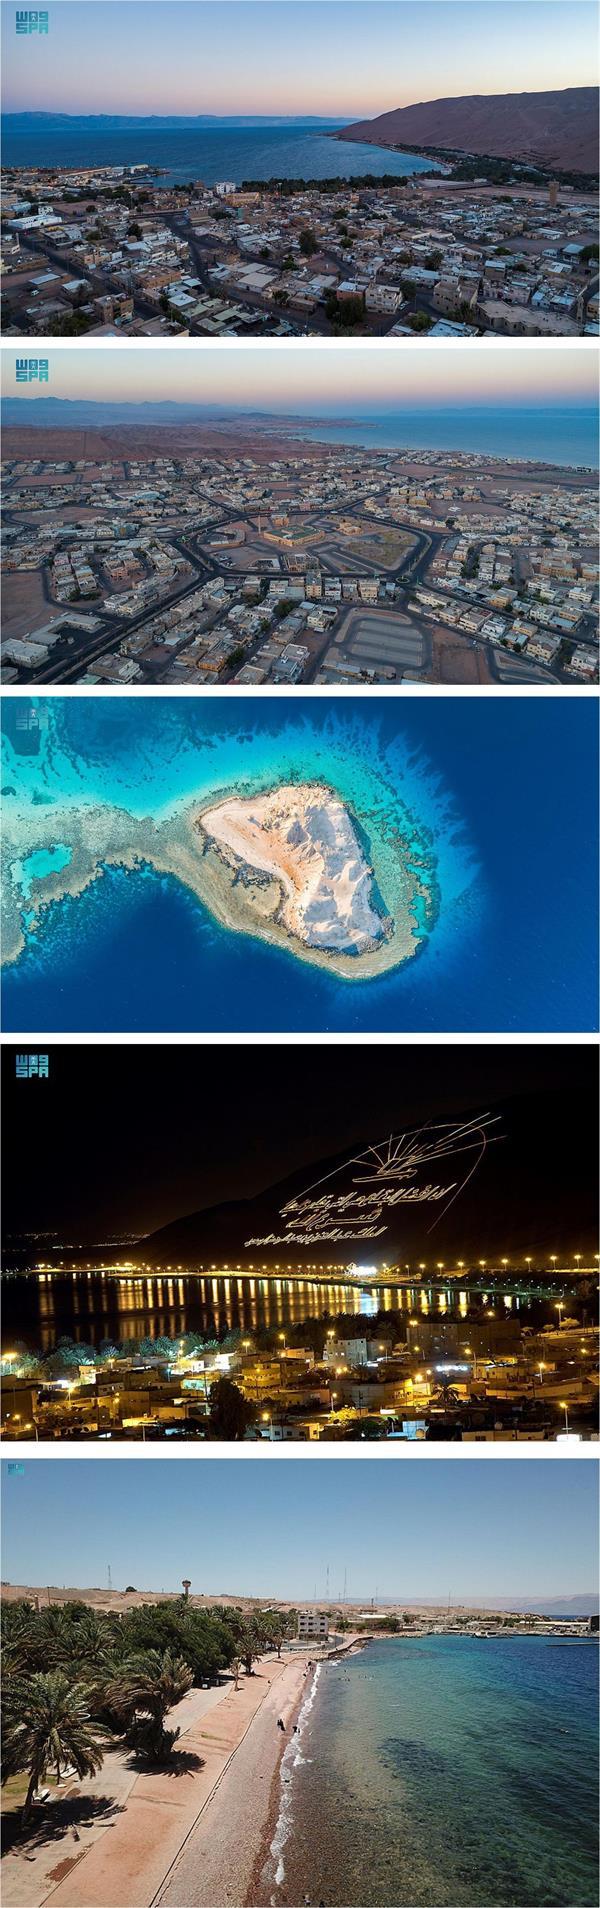 ab43380f 3fa8 45ad 8bfd 544ec2b008ac - شواطئ حقل.. فرصة الاستمتاع بسحر الطبيعة ومشاهدة تيتانك السعودية